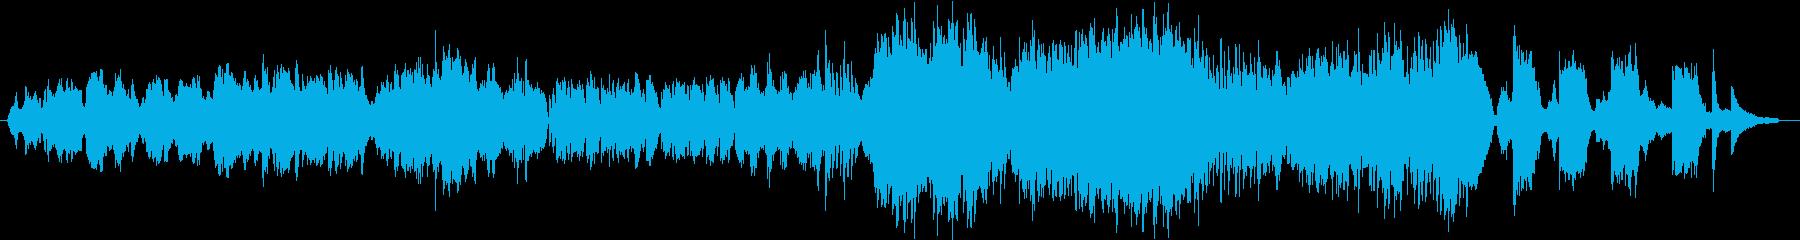 和と情熱の職人/生演奏チェロ/映像の再生済みの波形